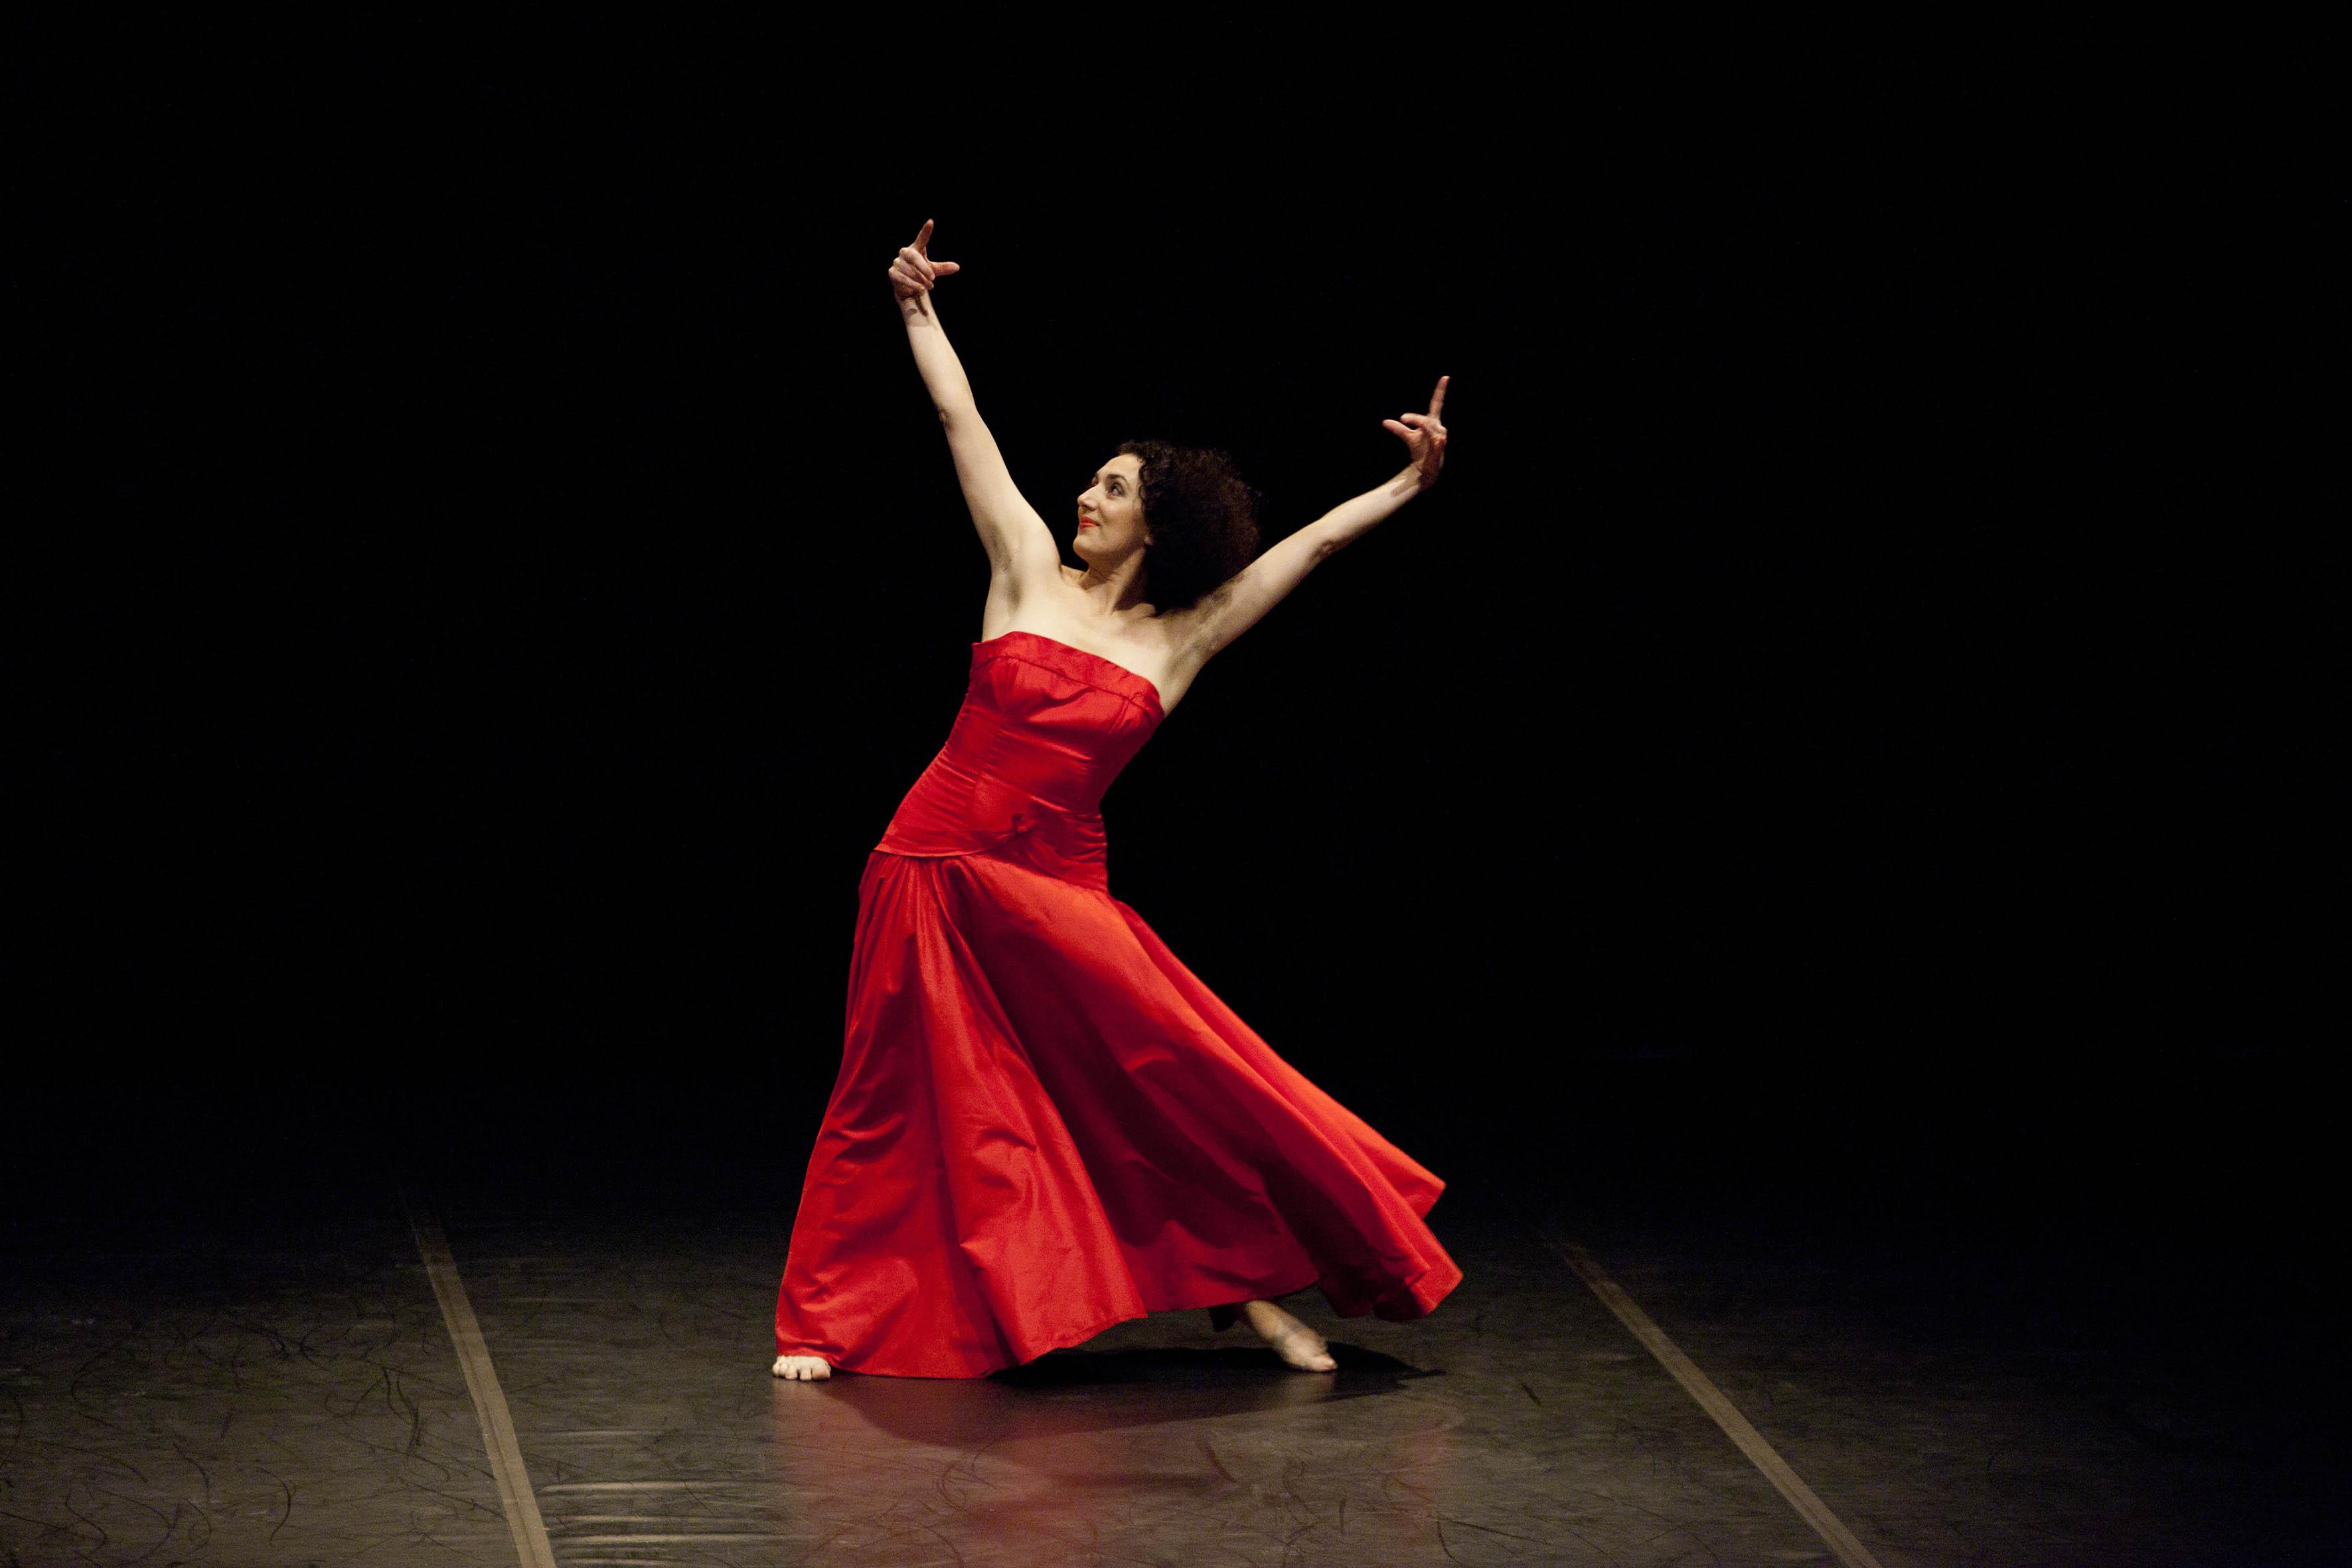 """Roma, Auditorium Parco della Musica 15 02 2010. Equilibrio - Festival della nuova danza. Omaggio a Pina Bausch, Cristiana Morganti in """"Moving with Pina"""". ©Musacchio & Ianniello"""